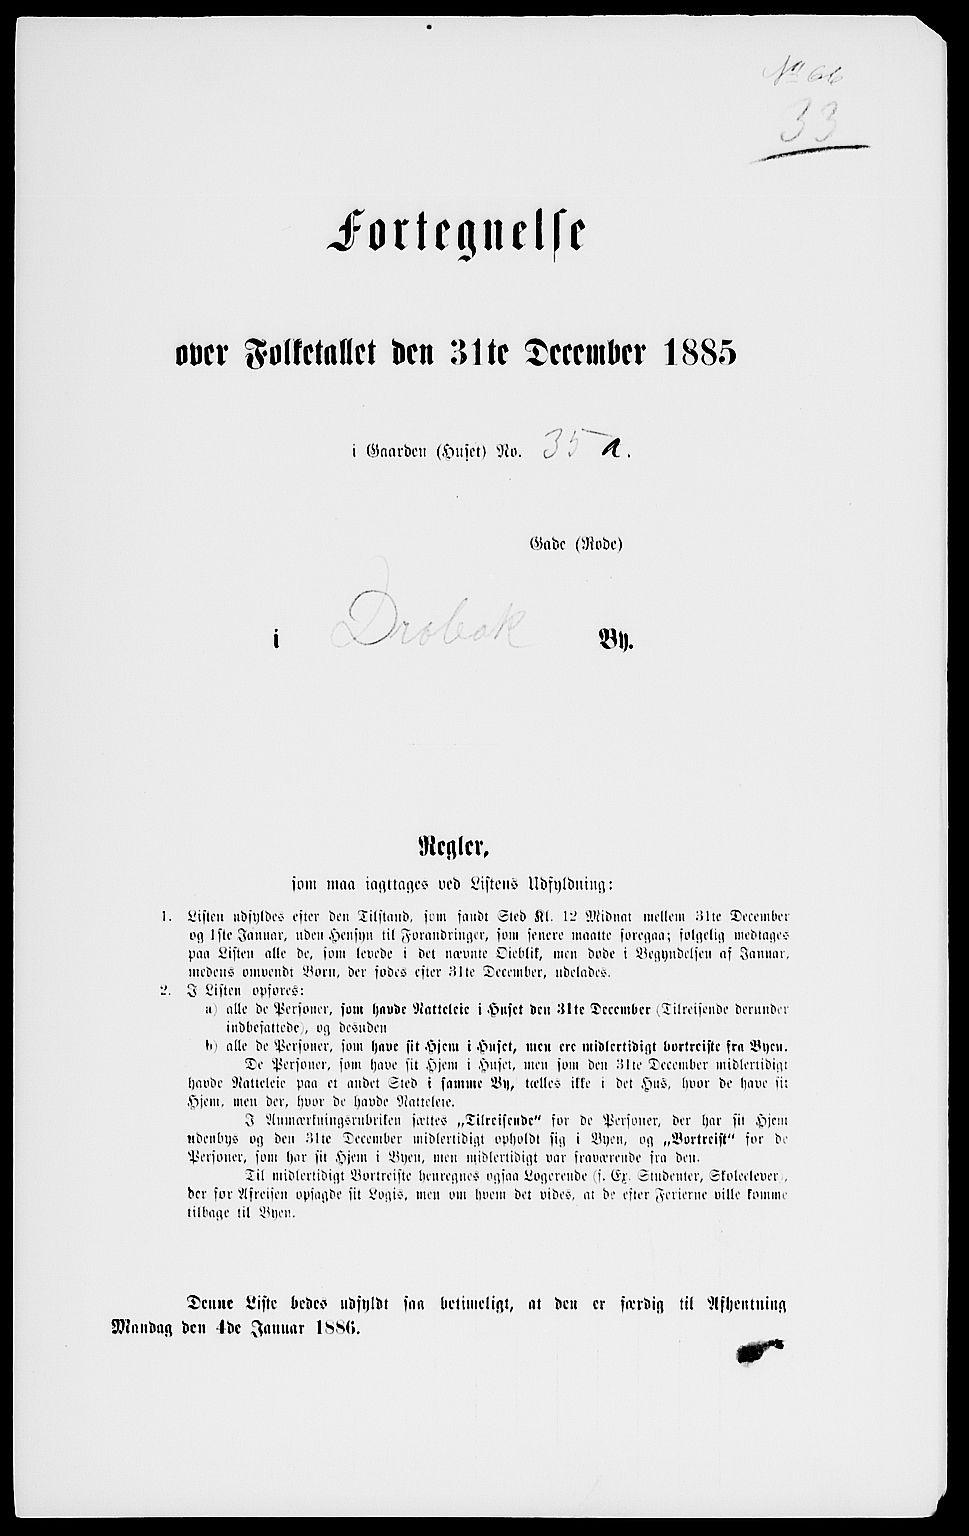 RA, Folketelling 1885 for 0203 Drøbak kjøpstad, 1885, s. 66